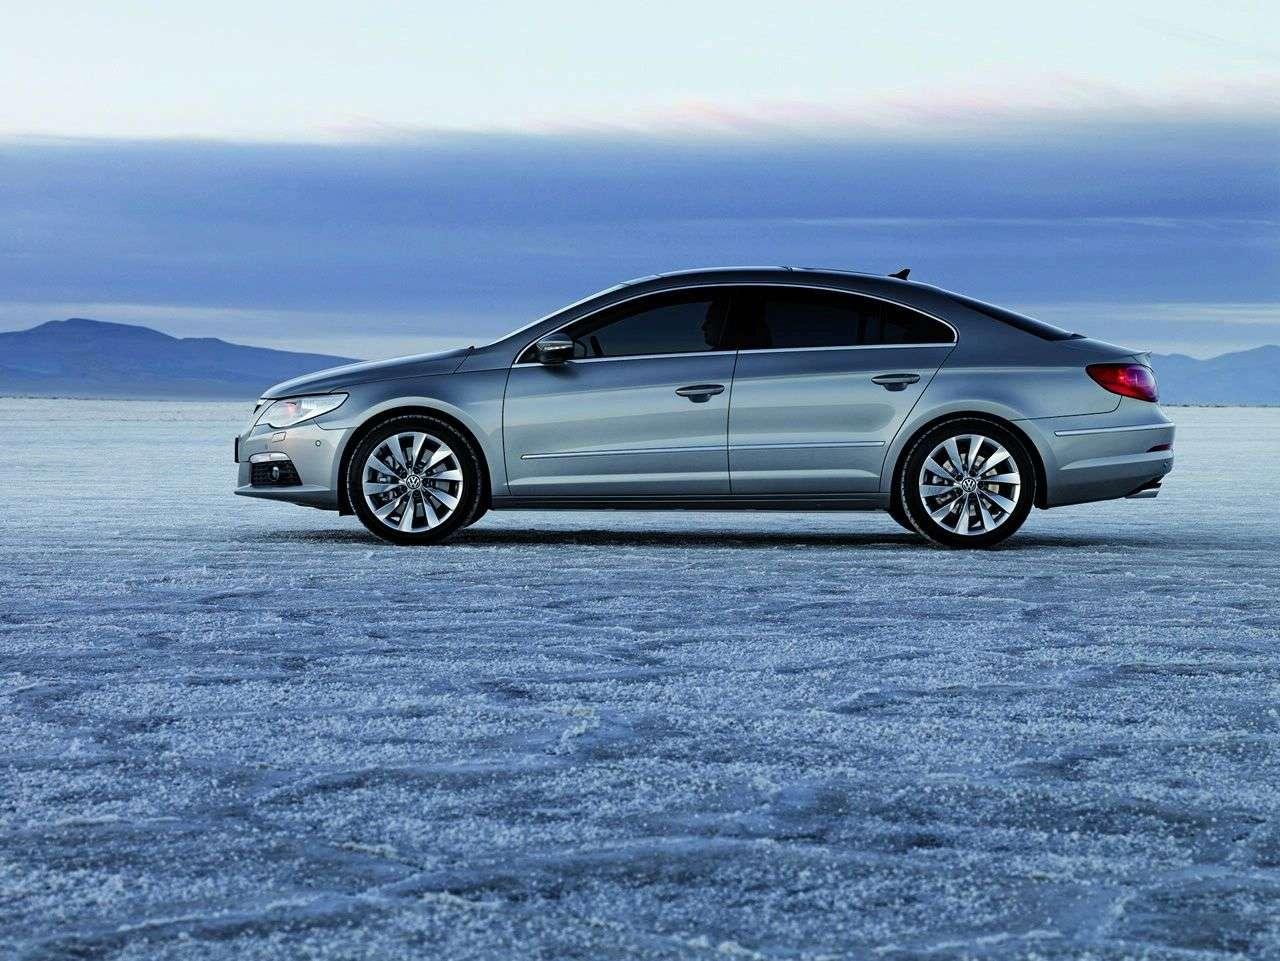 VW Passat CC fot 2010